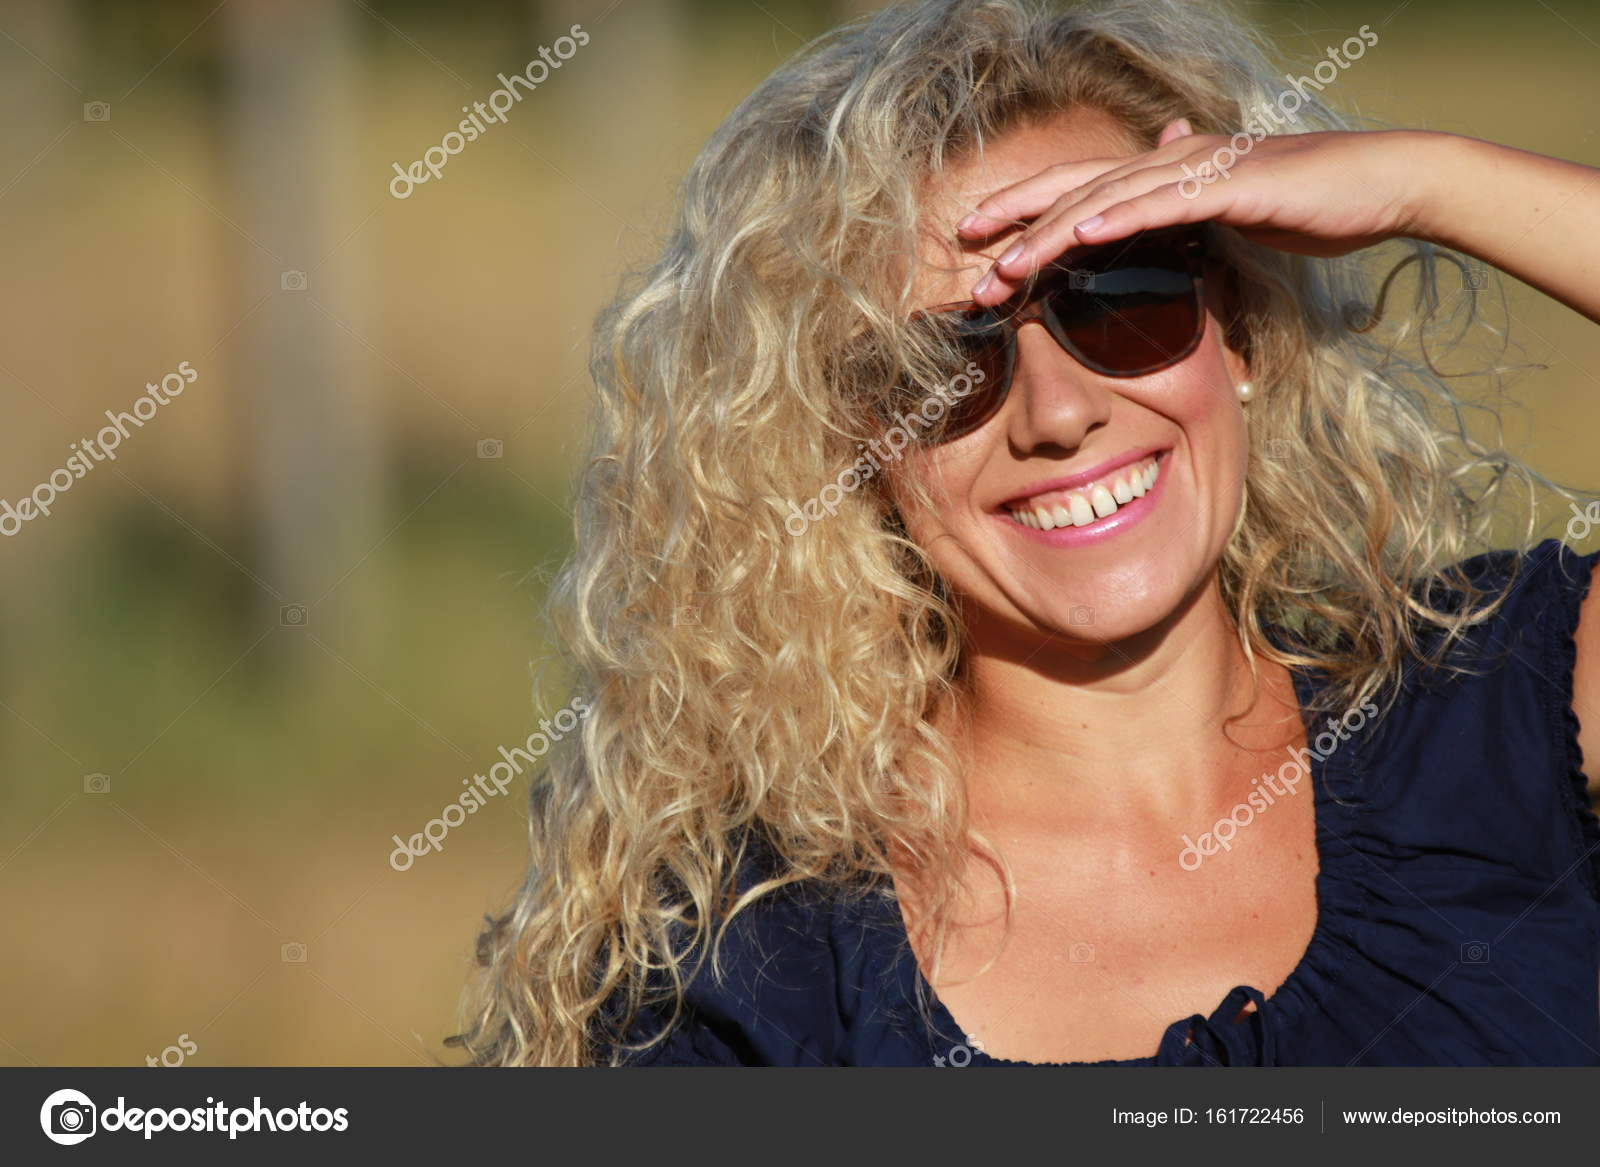 Absolutimages Fotos Mujer De Feliz © Gafas — Stock Madura Con Sol YeD29HEIW